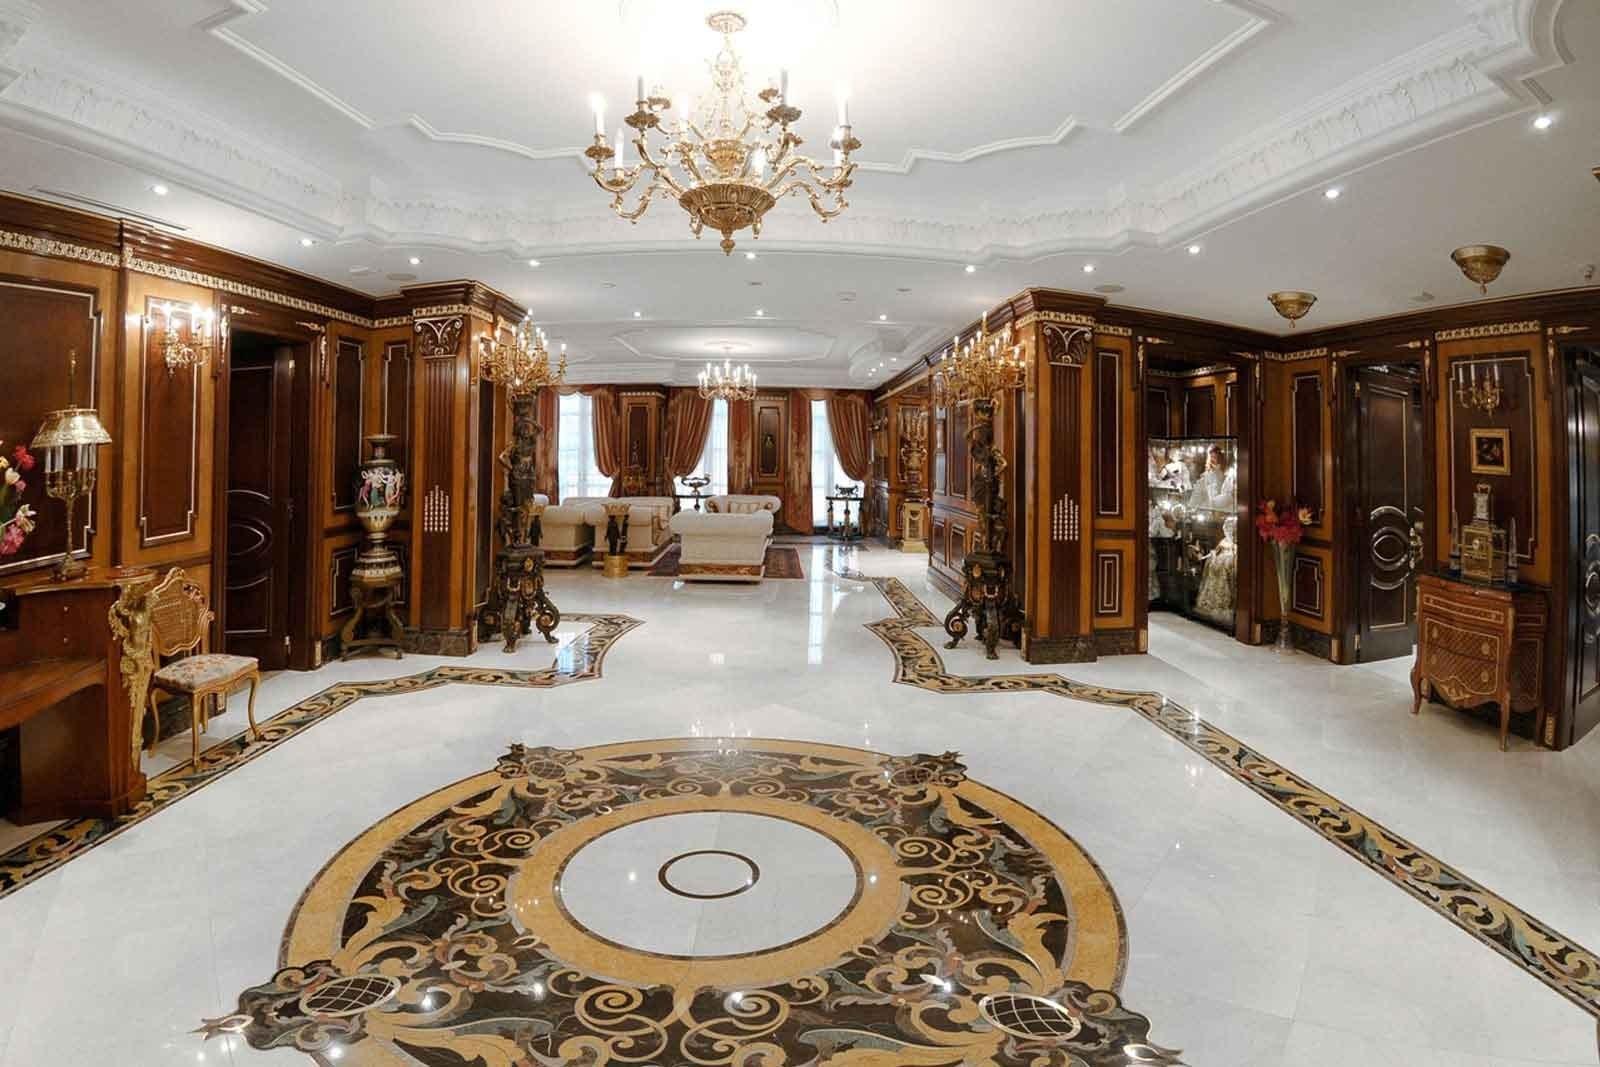 элитные квартиры в москве фото внутри пол-литра свежего